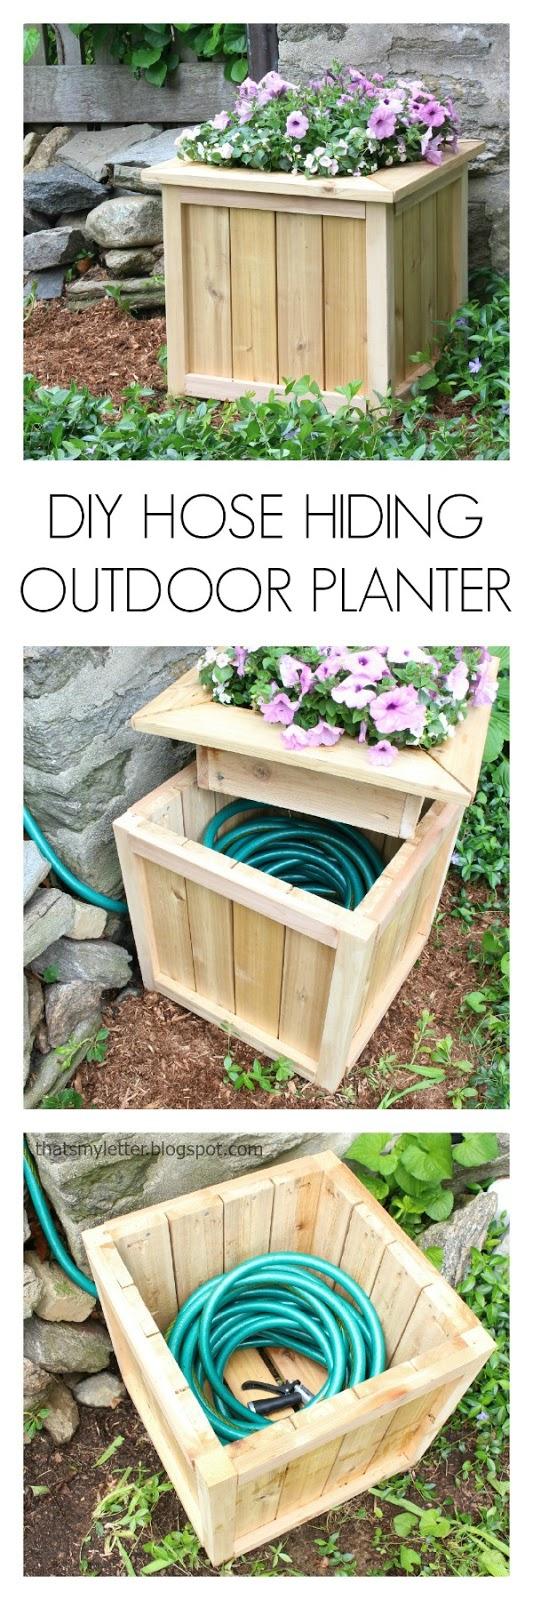 Bac À Fleurs En Bois De Palette. 20 Idées Inspirantes À ... pour Créer Des Bacs De Jardin Avec Des Palettes